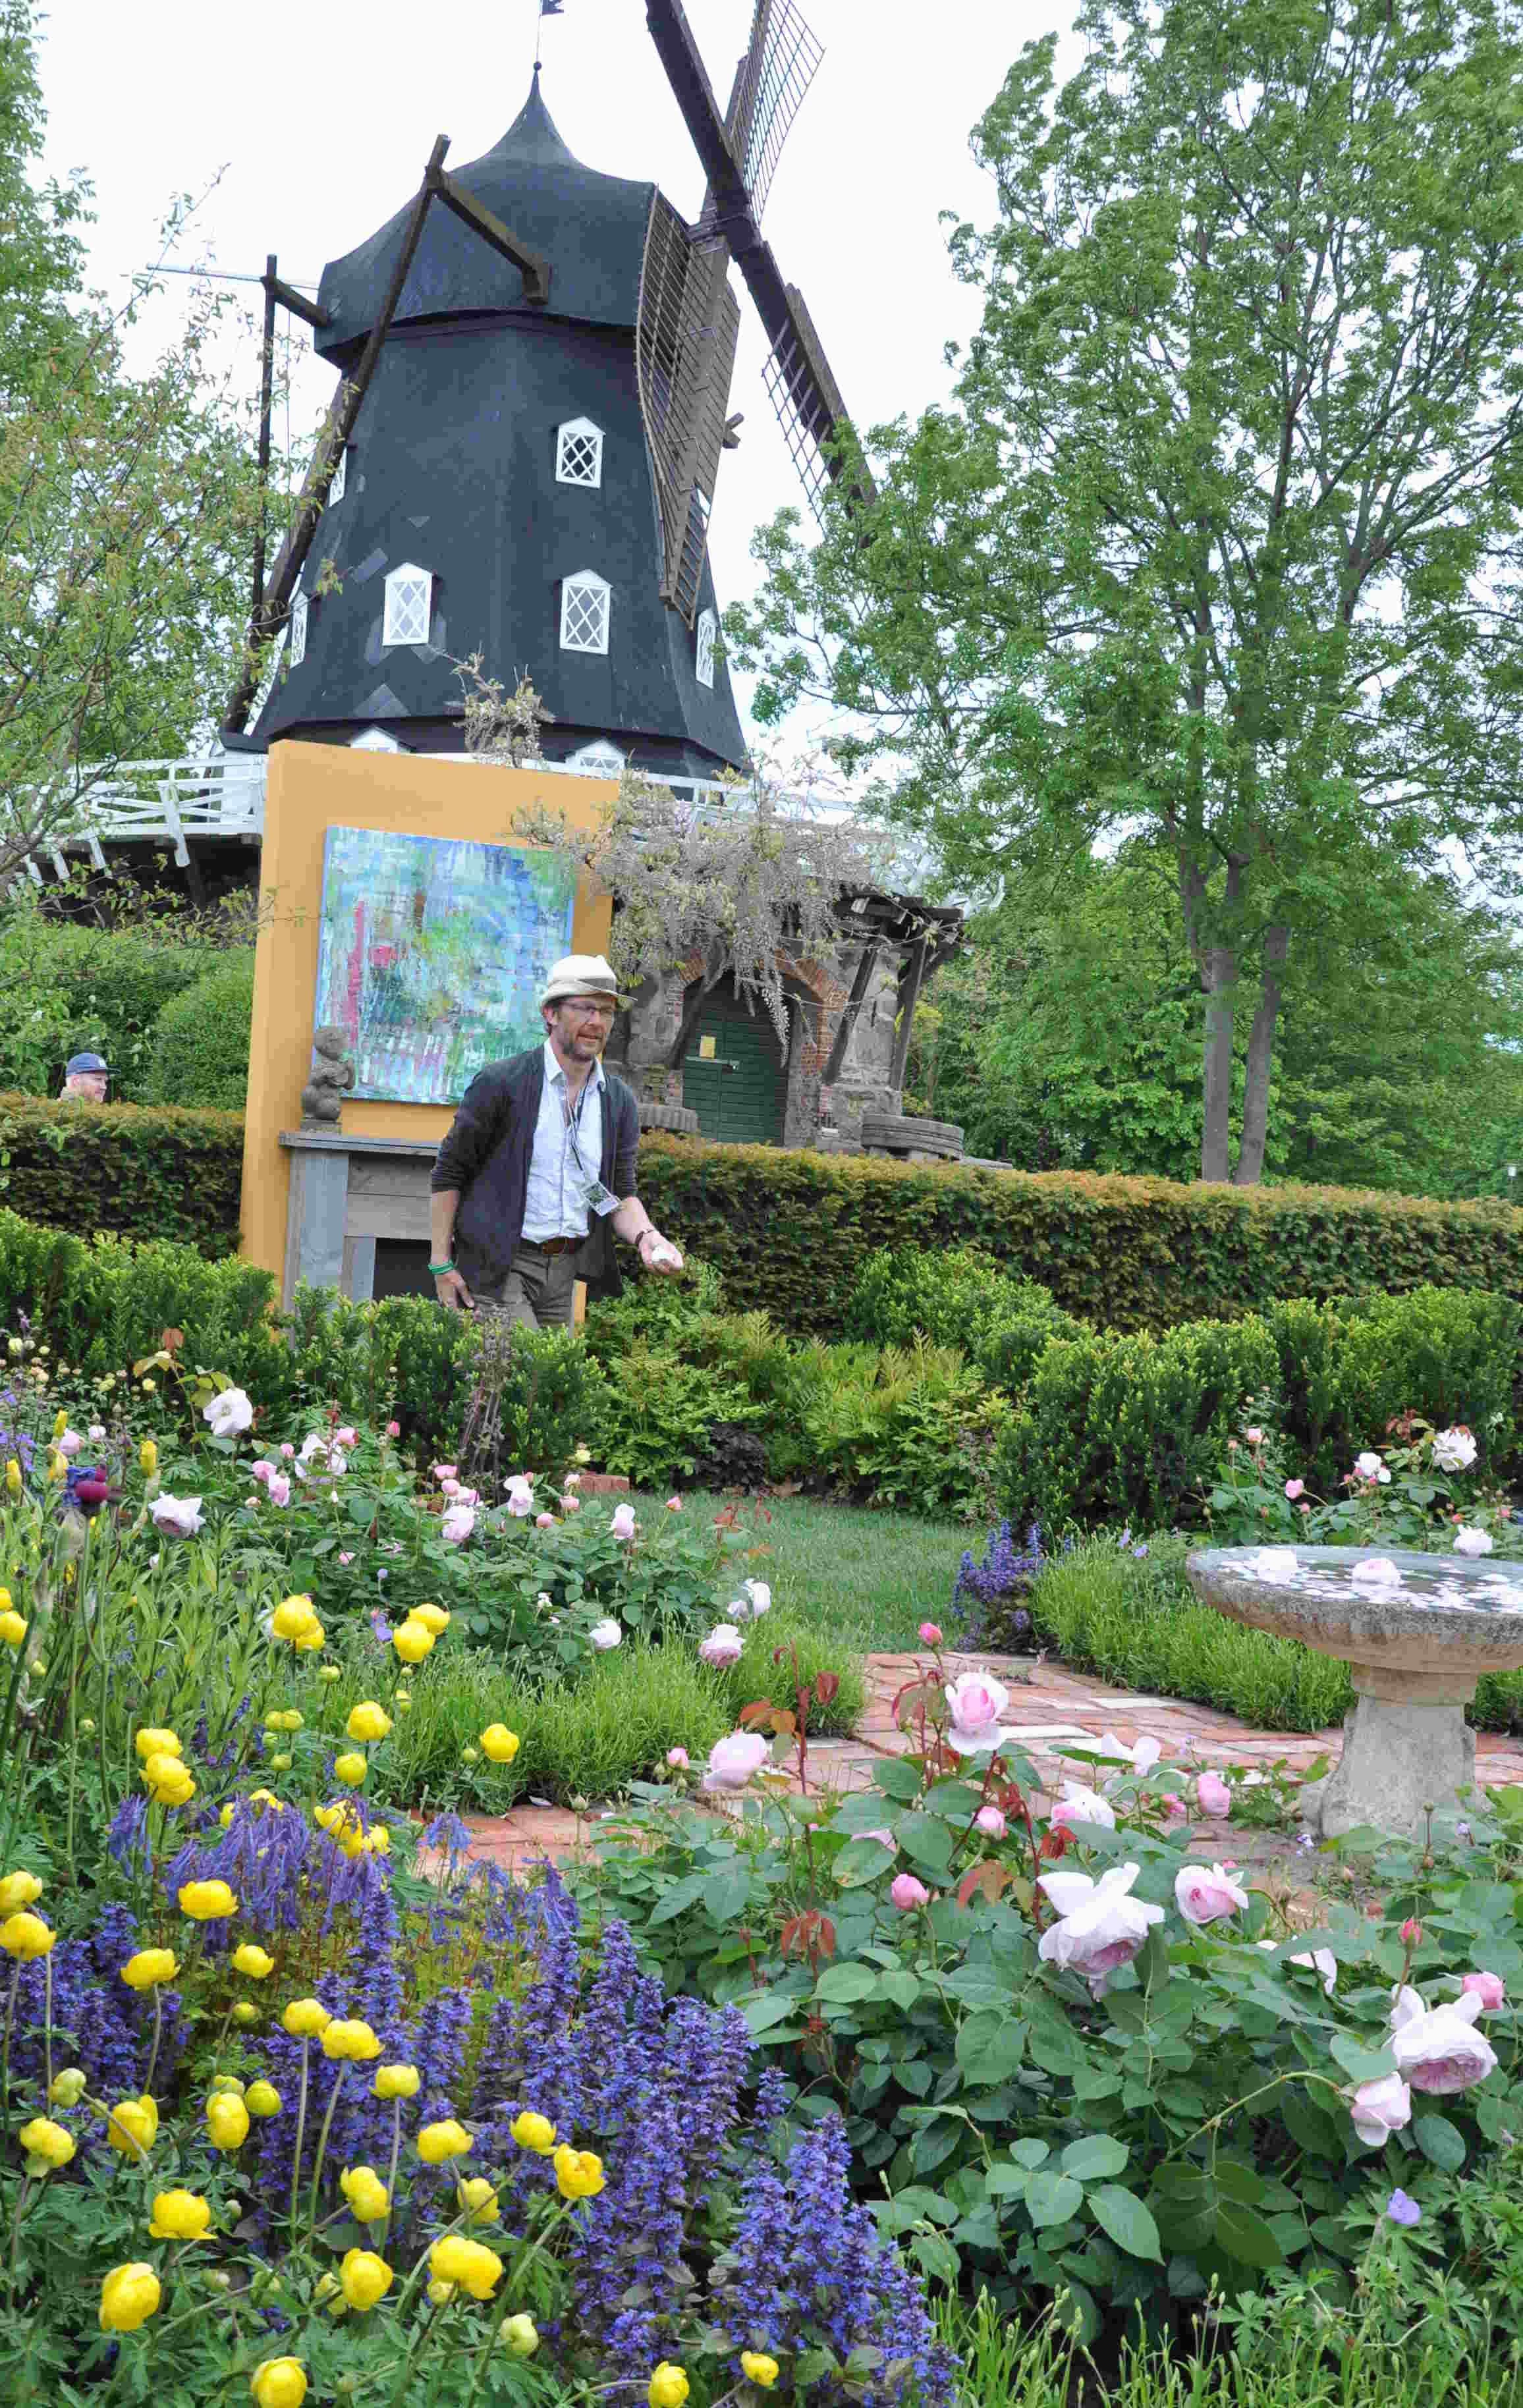 Konstnärens trädgård visade både måleri och blomsterkonst i engelsk stil.